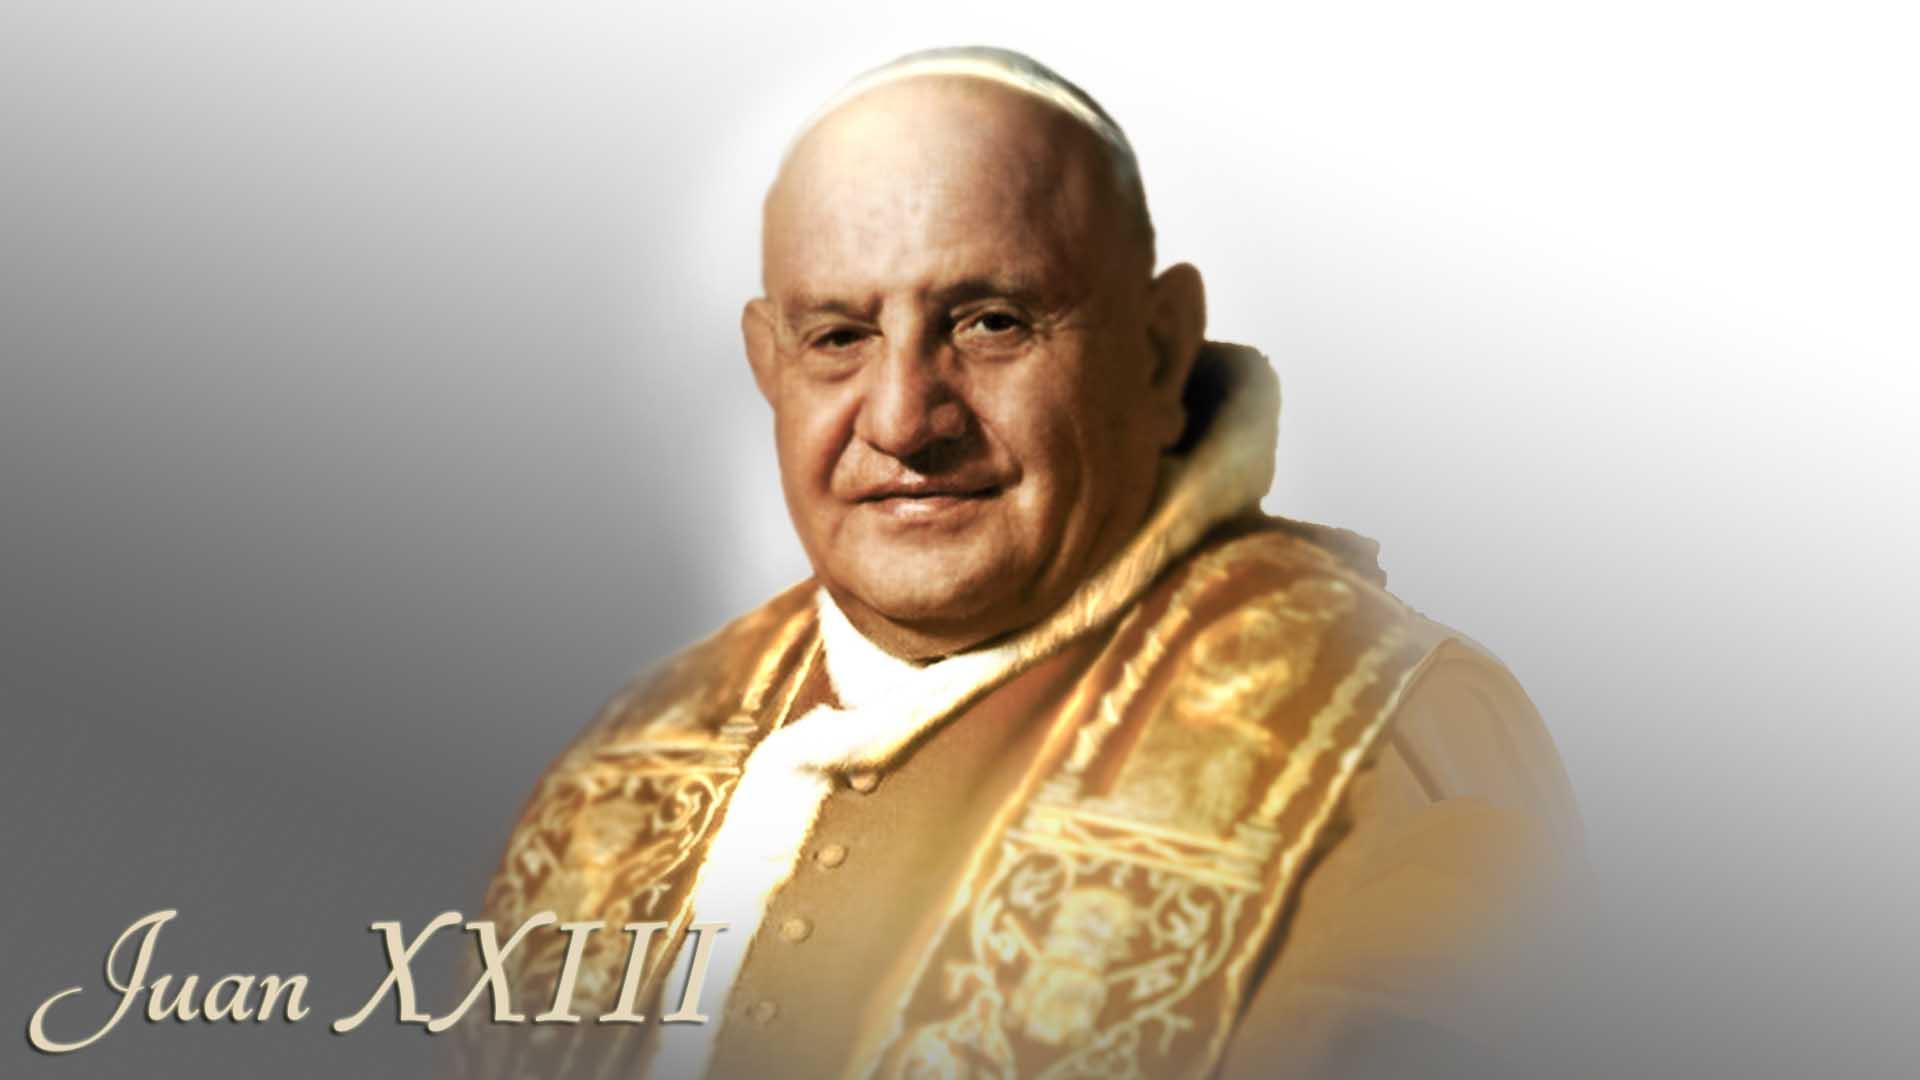 3 de junio: San Juan XXIII